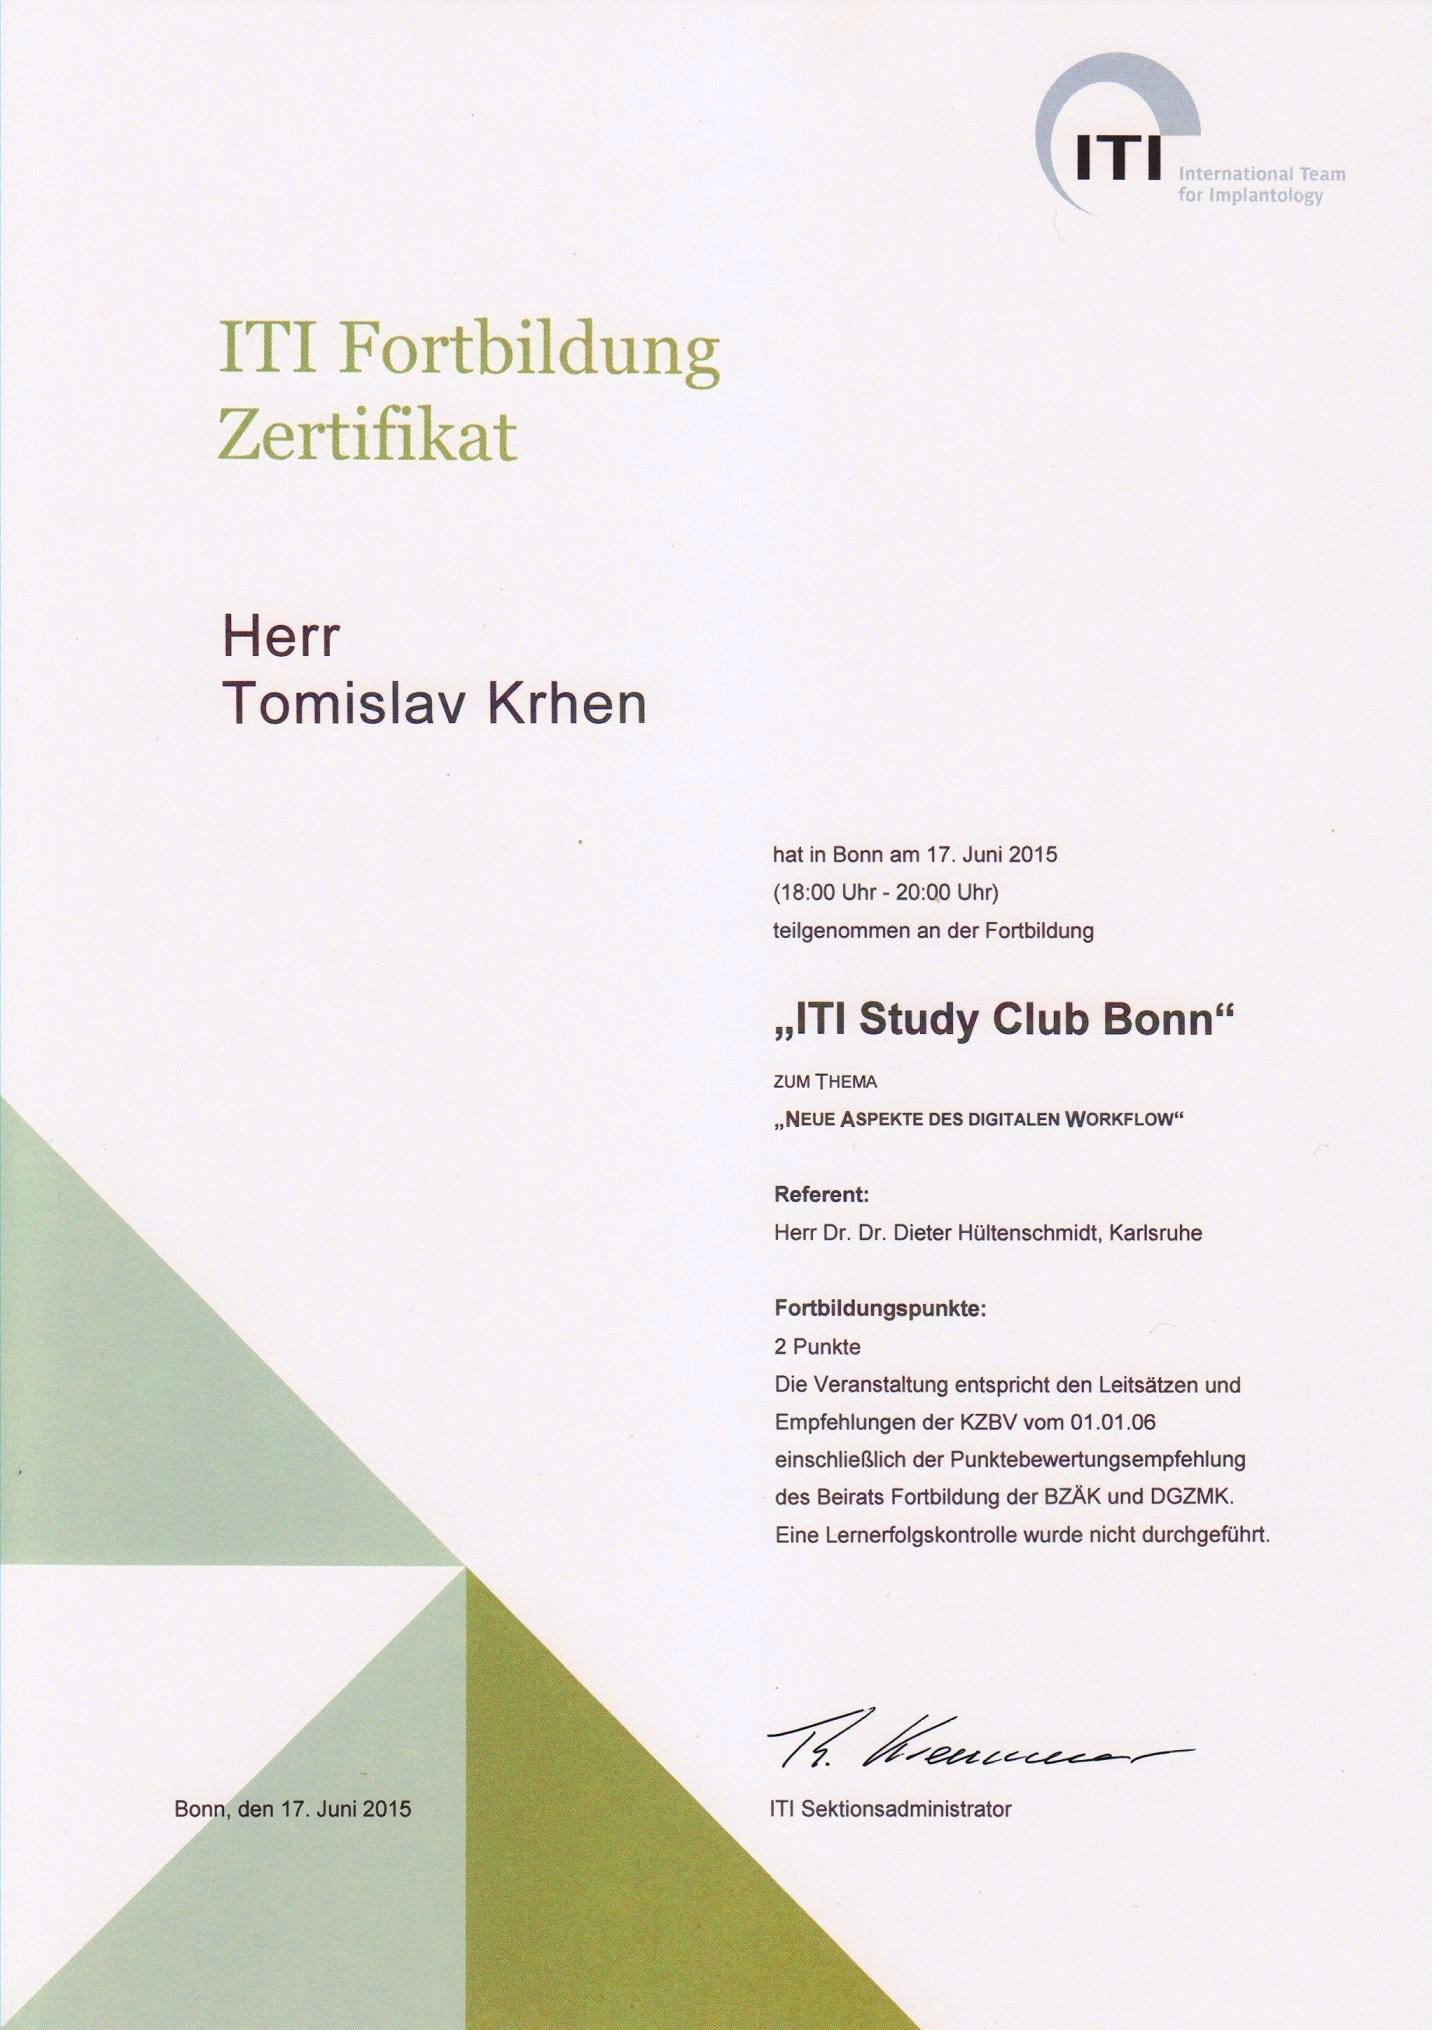 Digitalna 3D implantologija - ITI Study Club Bonn